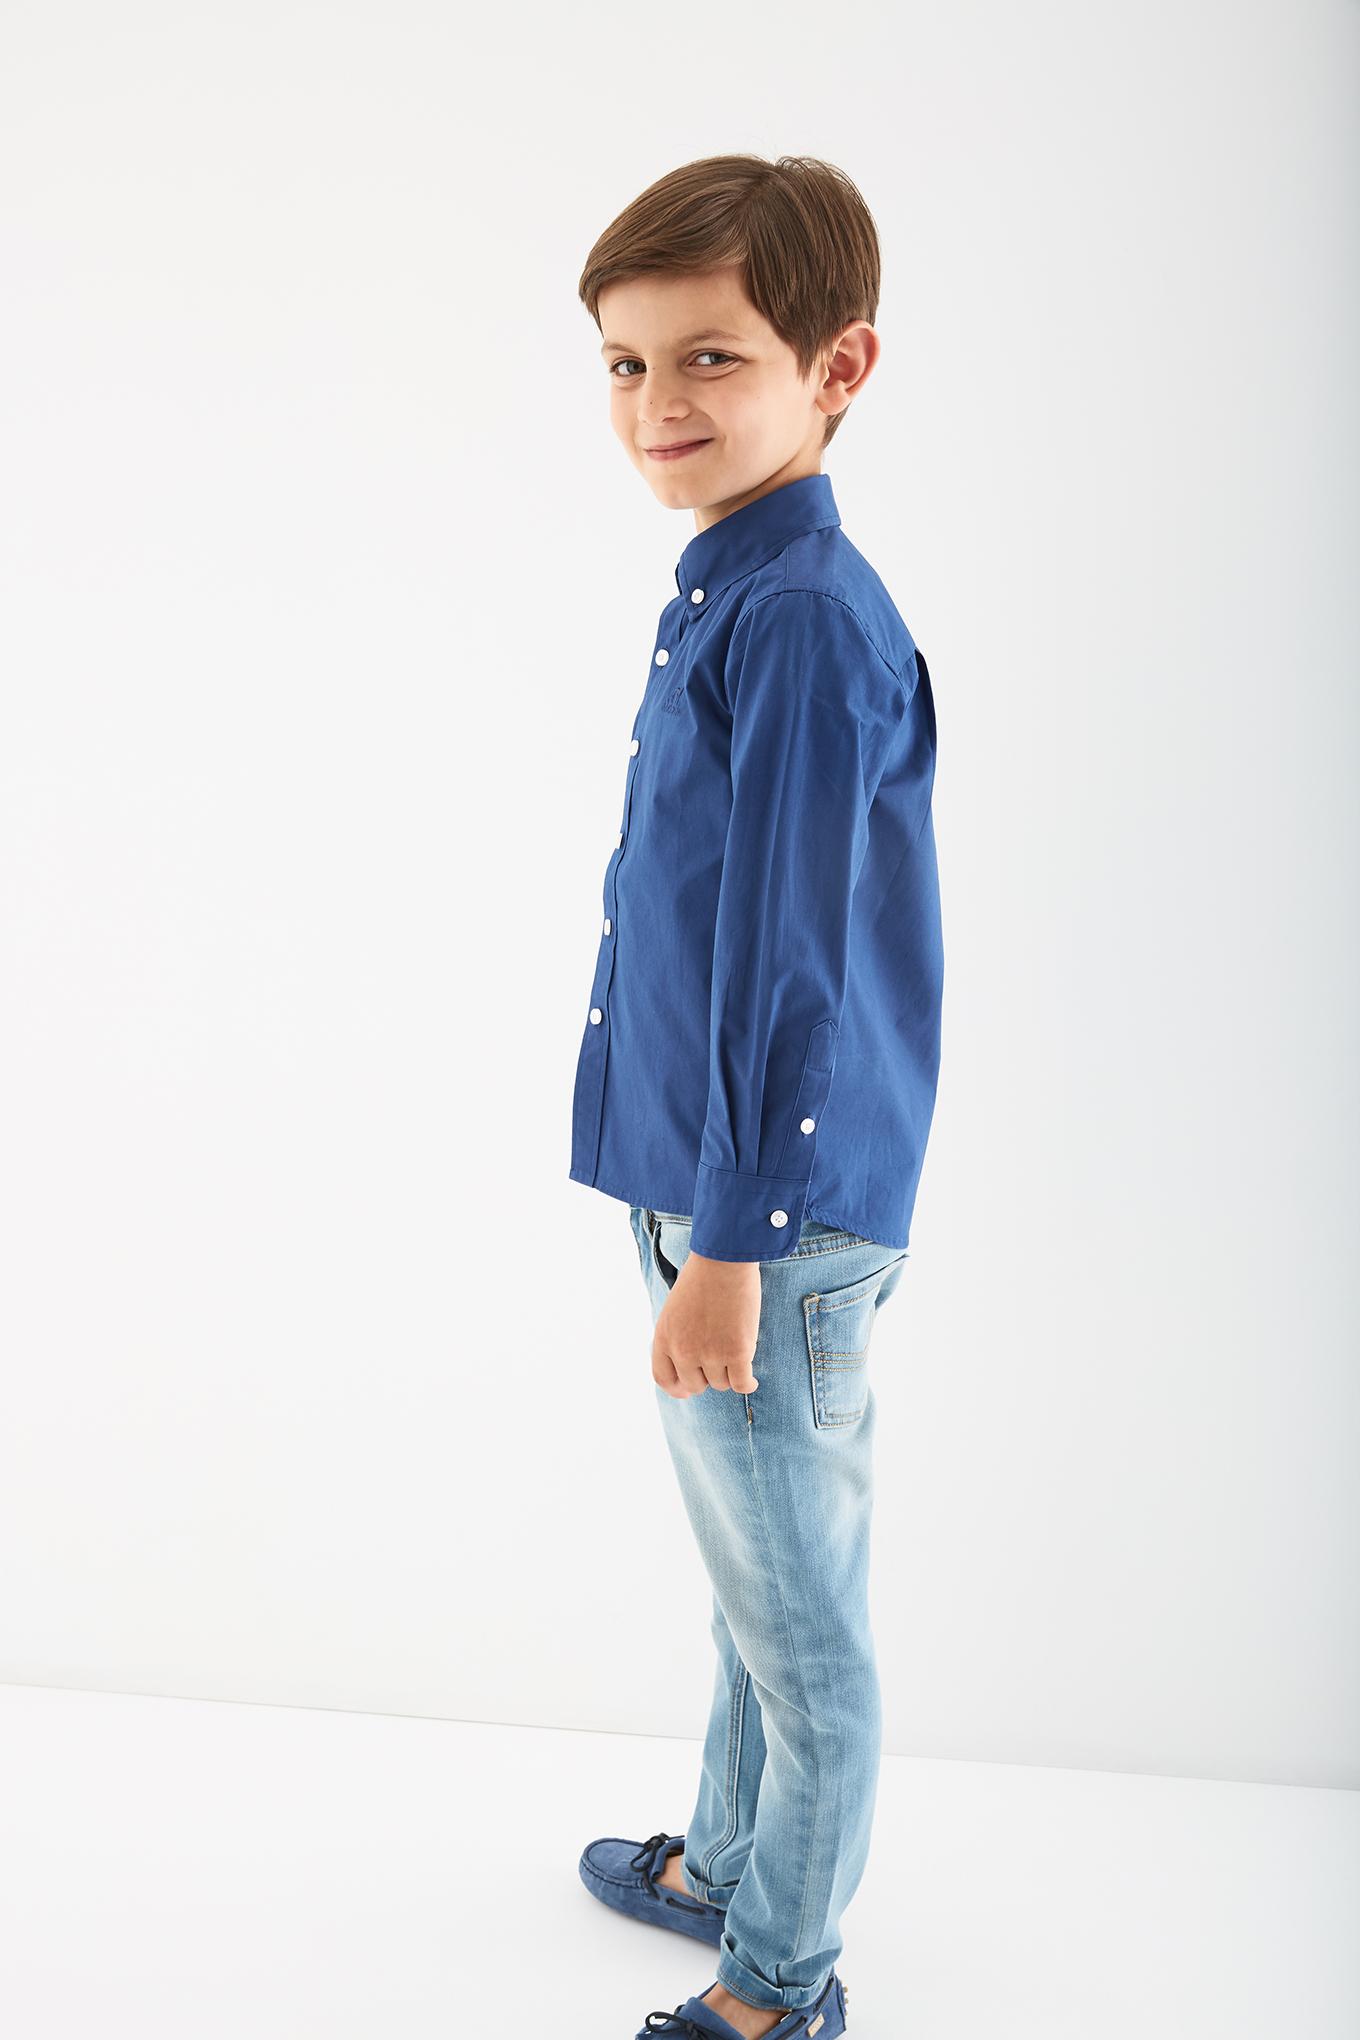 Camisa Azul Casual Rapaz